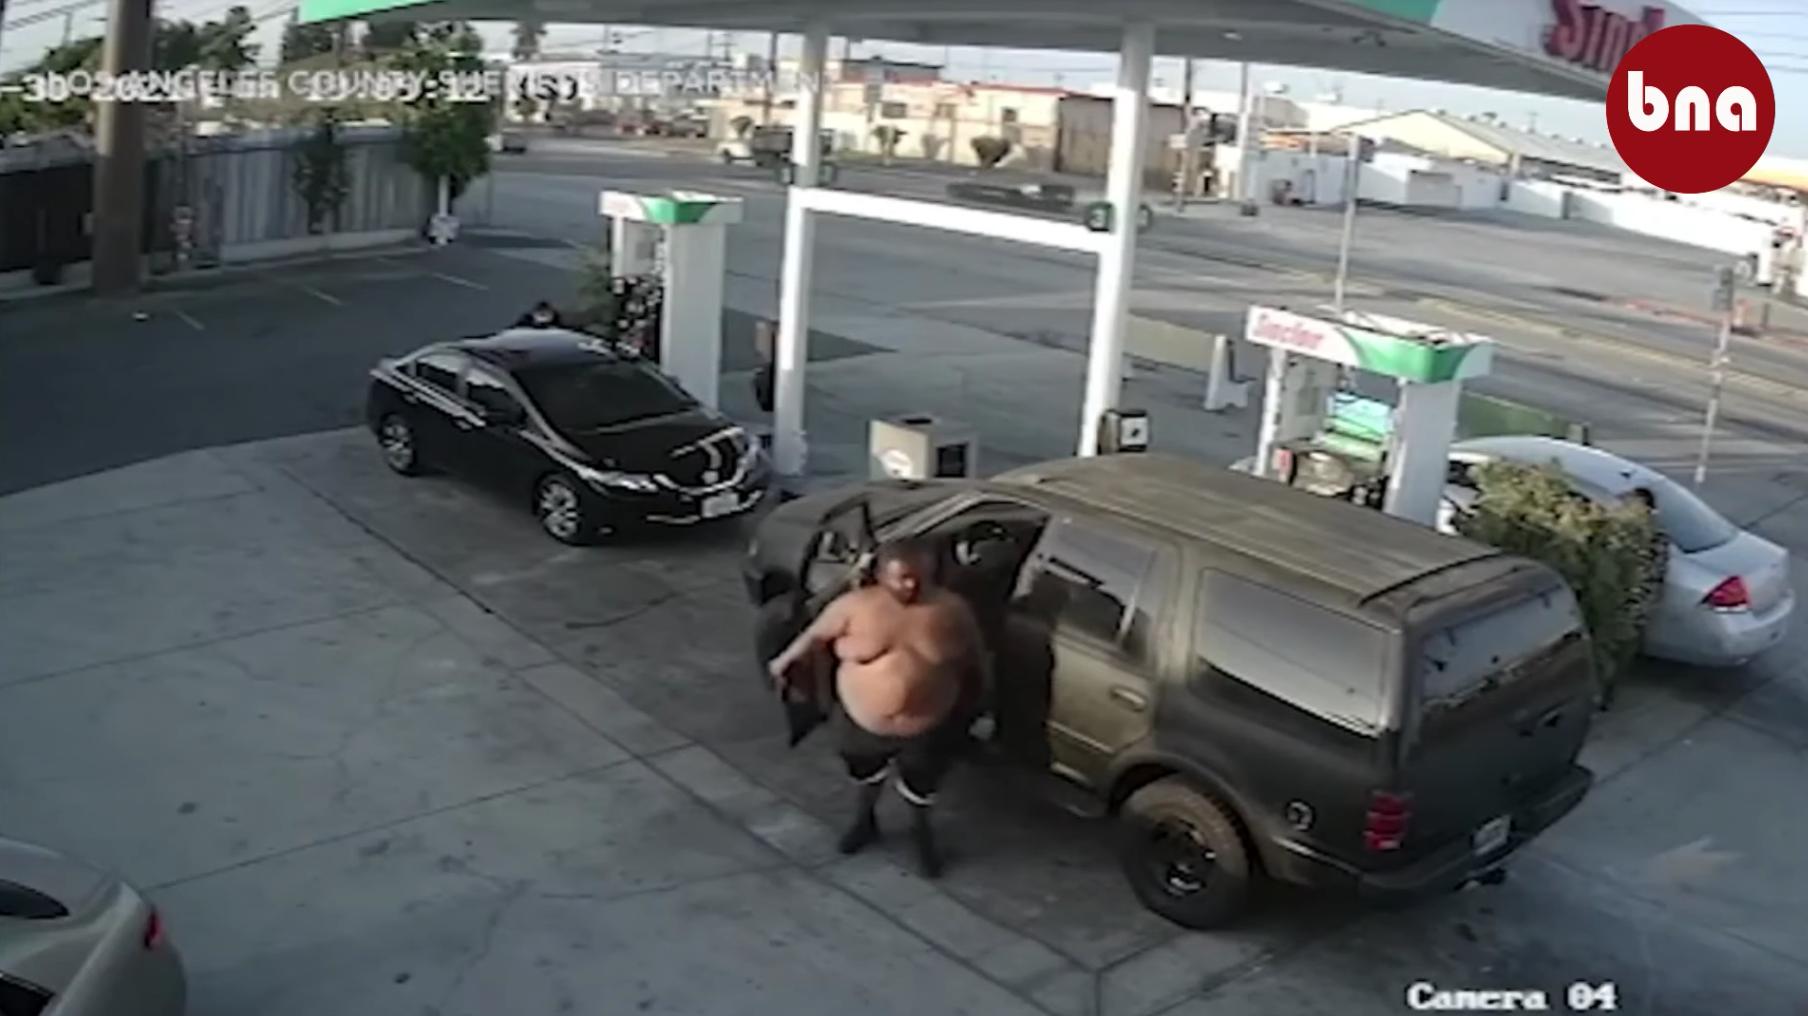 Cảnh sát bắt giữnghi can trong vụ tấn công tại trạm xăng ở Gardena